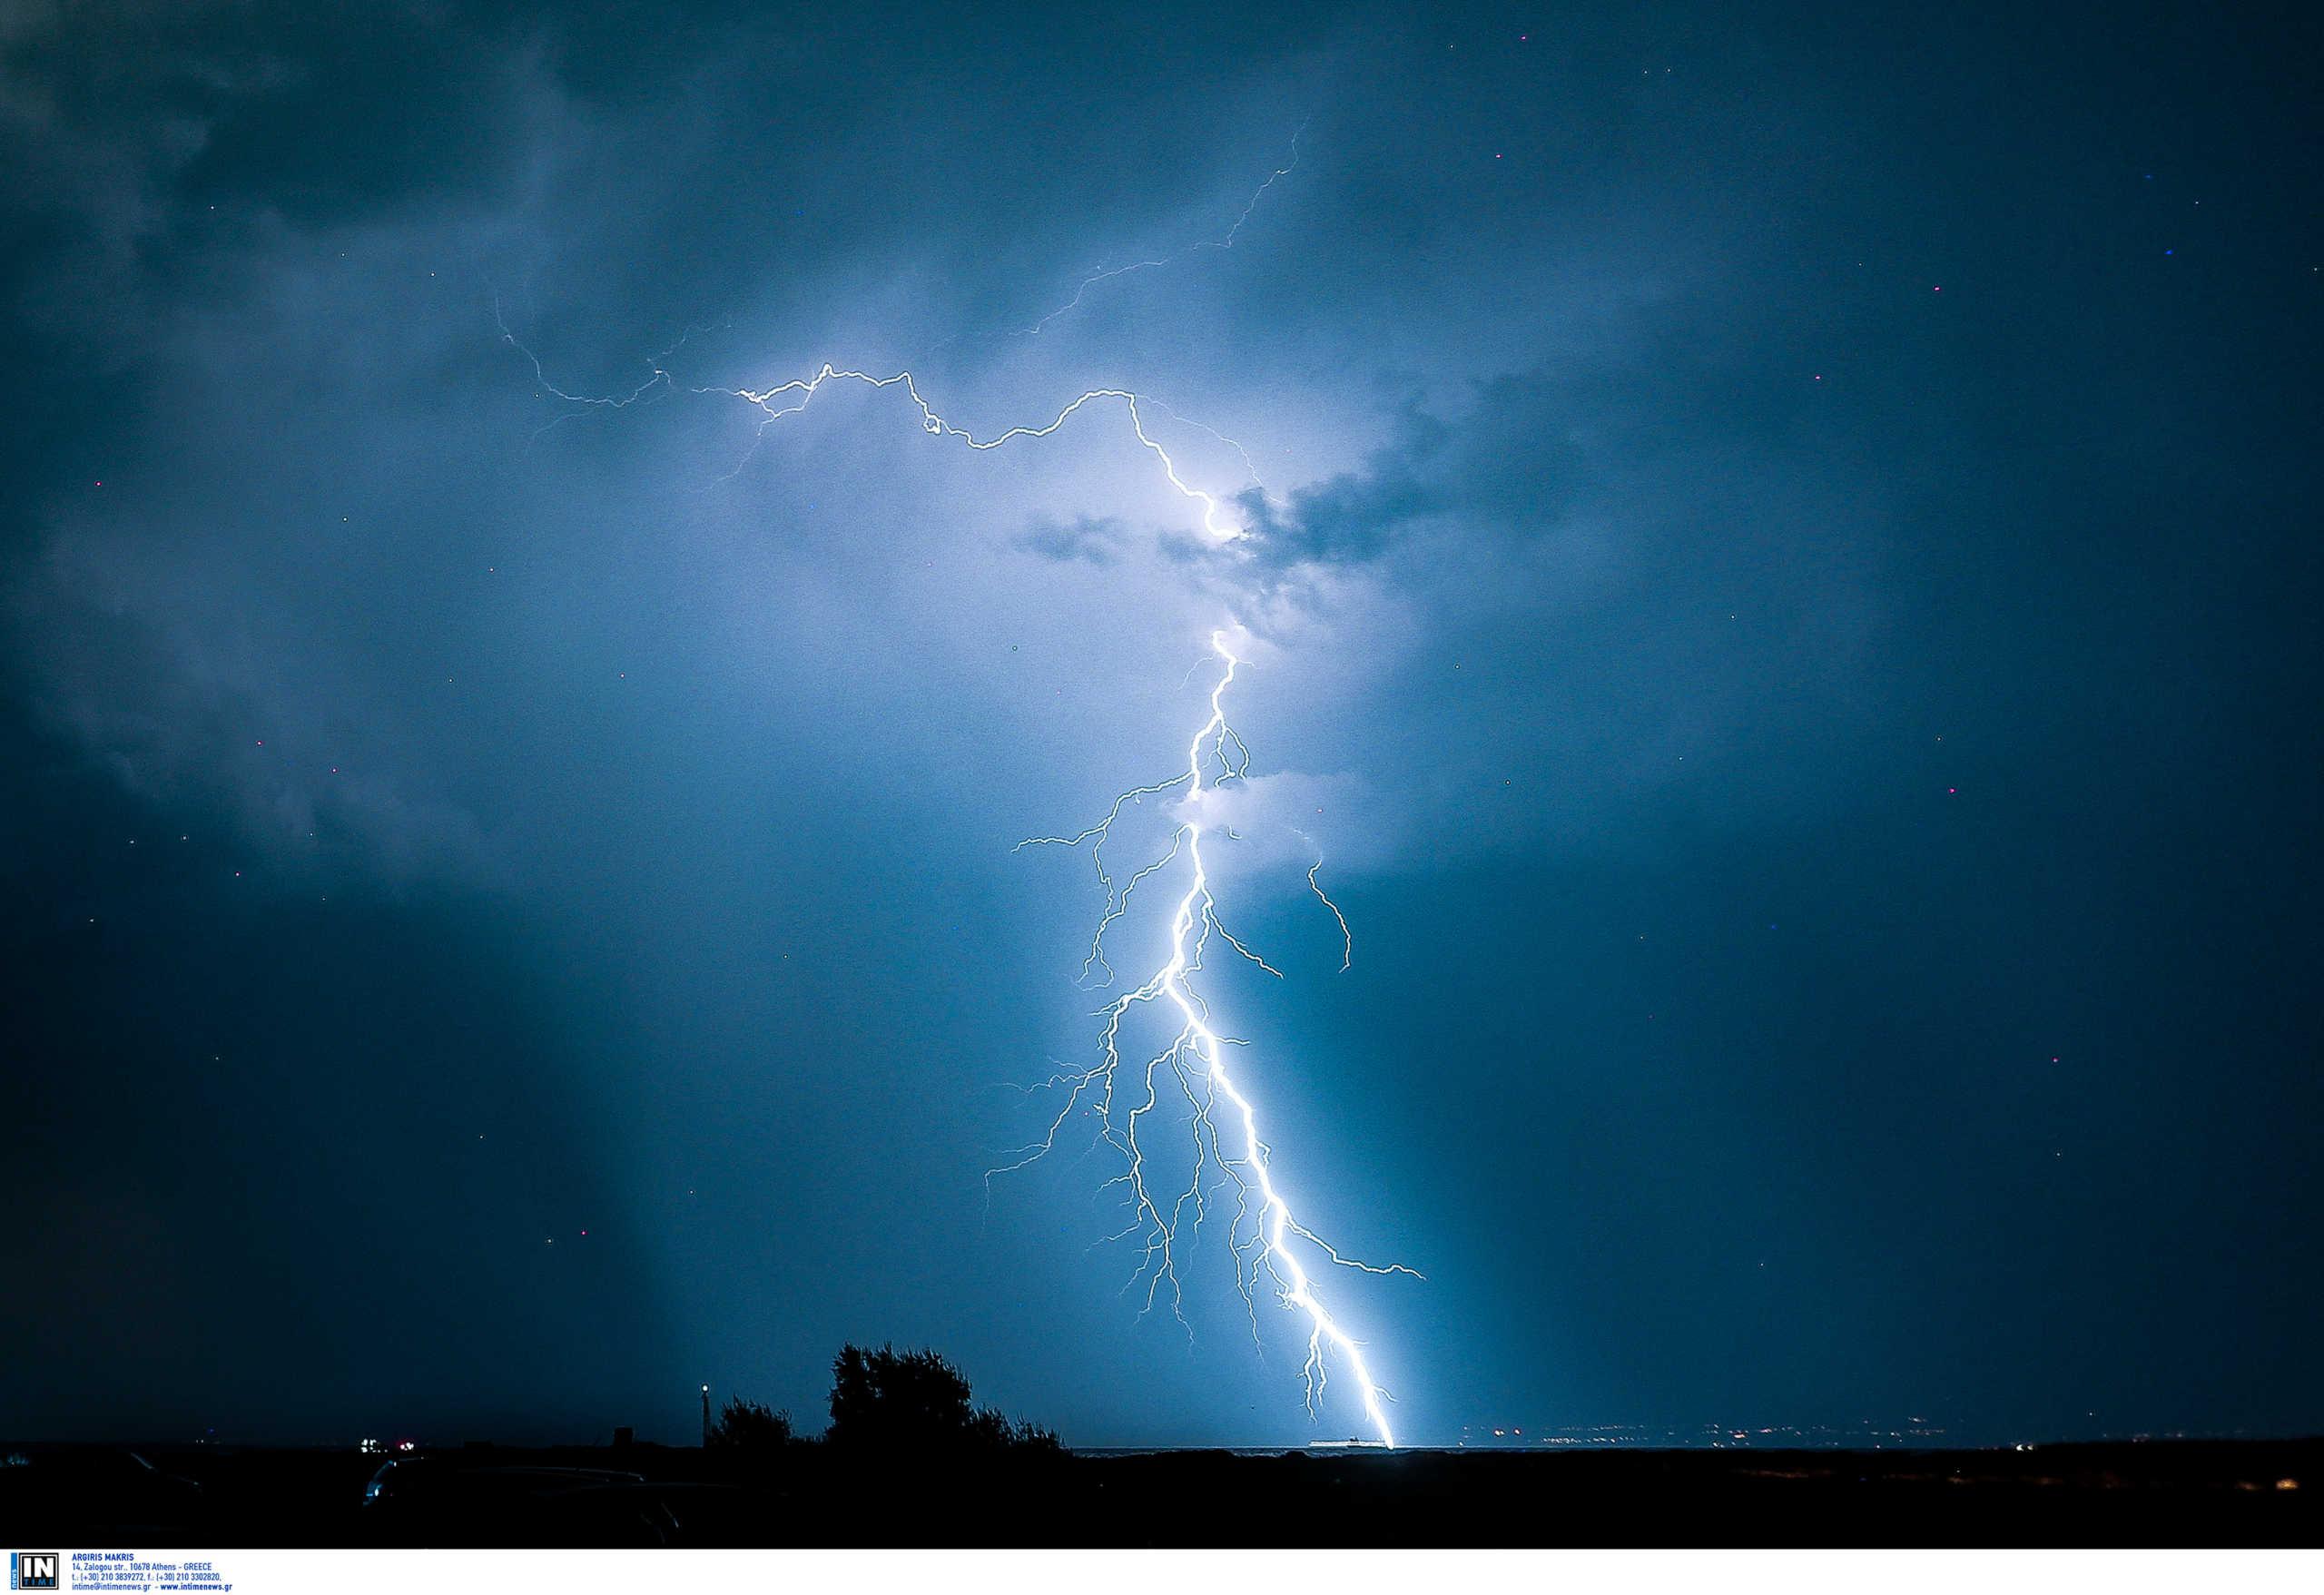 Ναύπλιο – Κακοκαιρία: Οι στιγμές που η νύχτα έγινε μέρα! Δυνατή βροχή όλη τη νύχτα στην πόλη (Βίντεο)